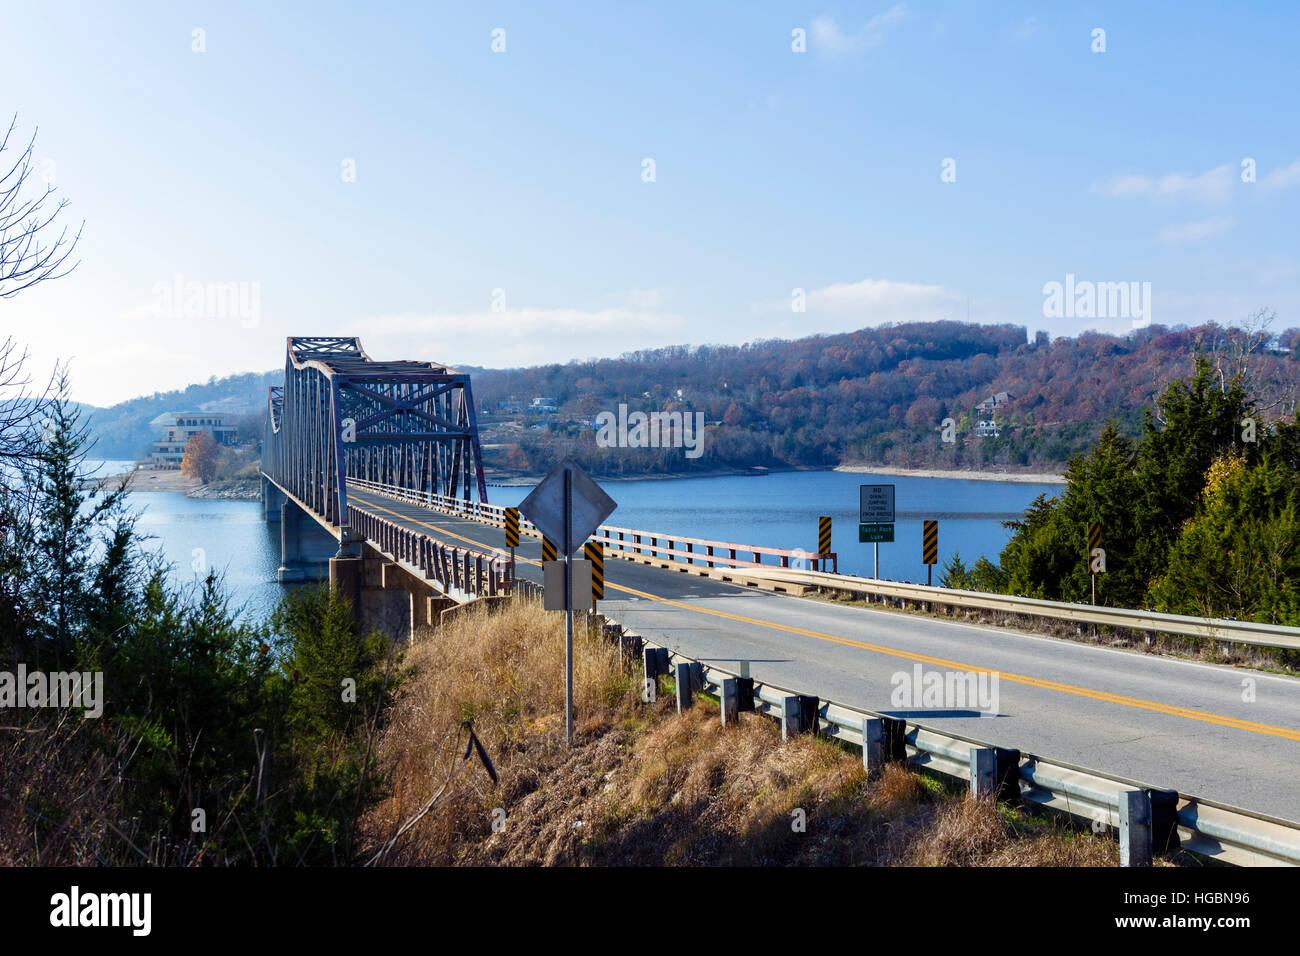 Puente en la MO-86 cruzar el lago Table Rock, Ridgedale, Ozarks, Missouri, EE.UU. Imagen De Stock